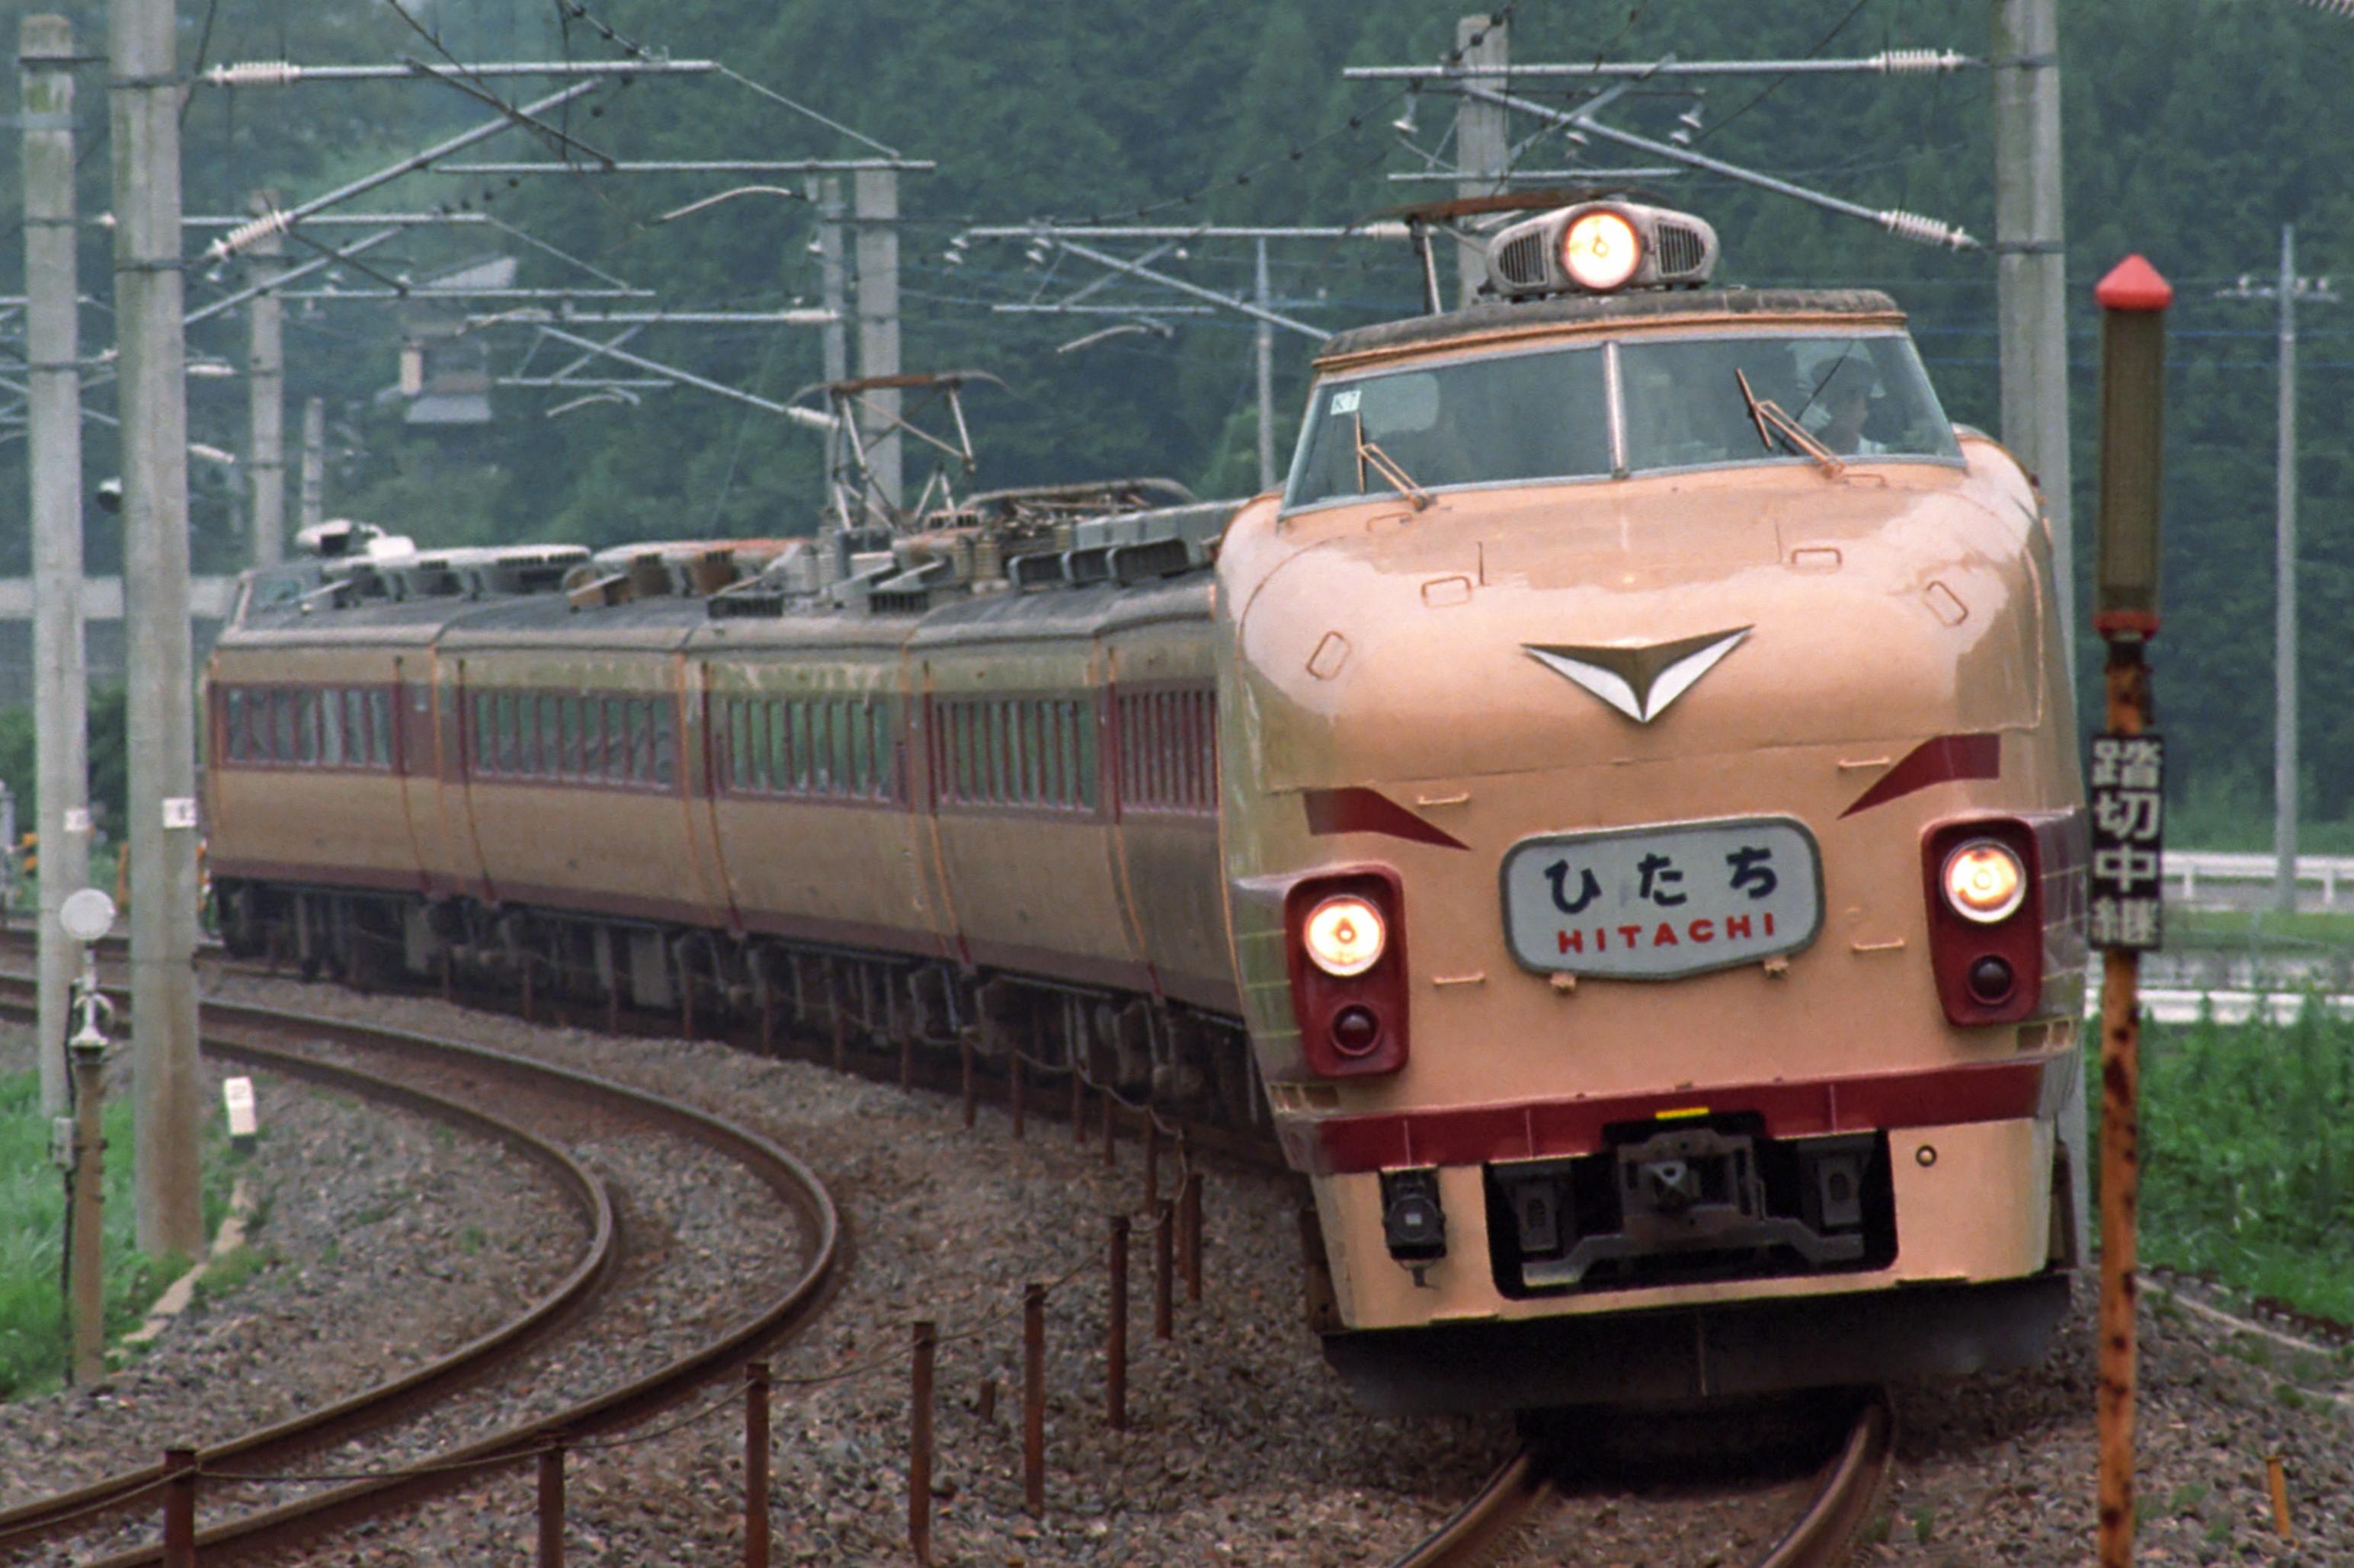 https://upload.wikimedia.org/wikipedia/commons/8/88/JNR-485-Hitachi.jpg